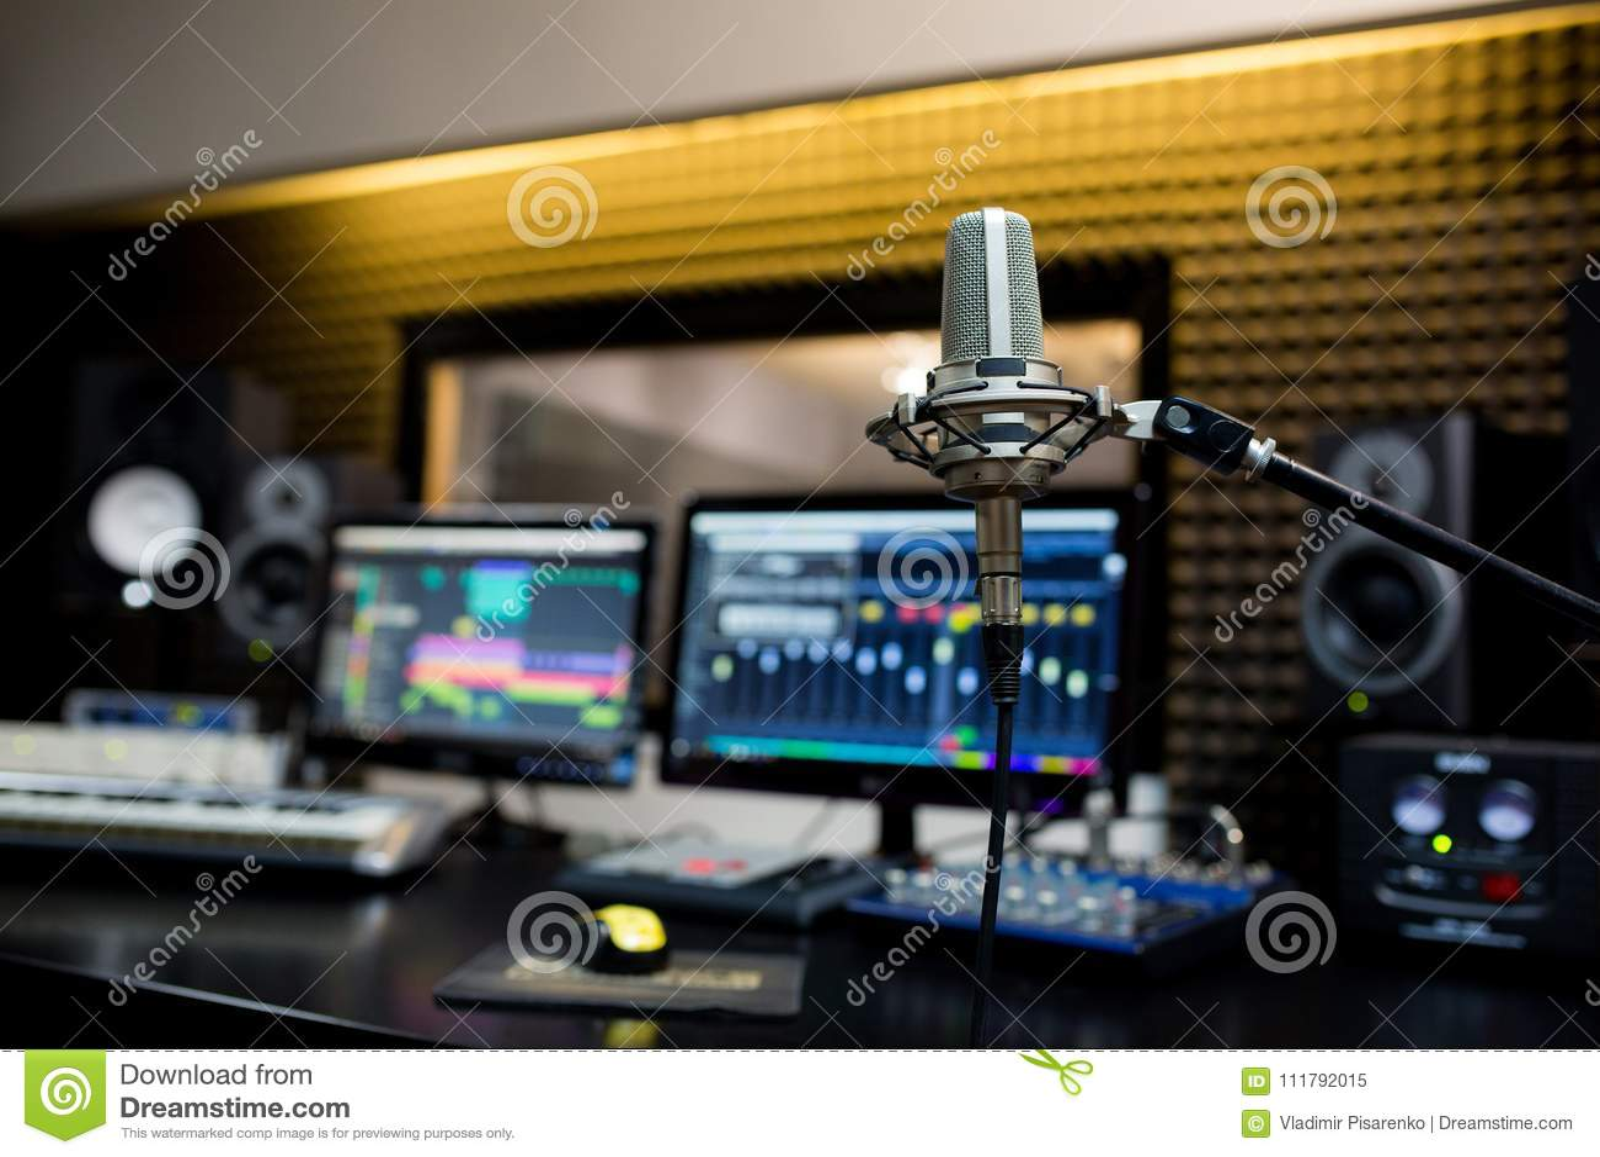 Fachowy mikrofon w studiu nagrań